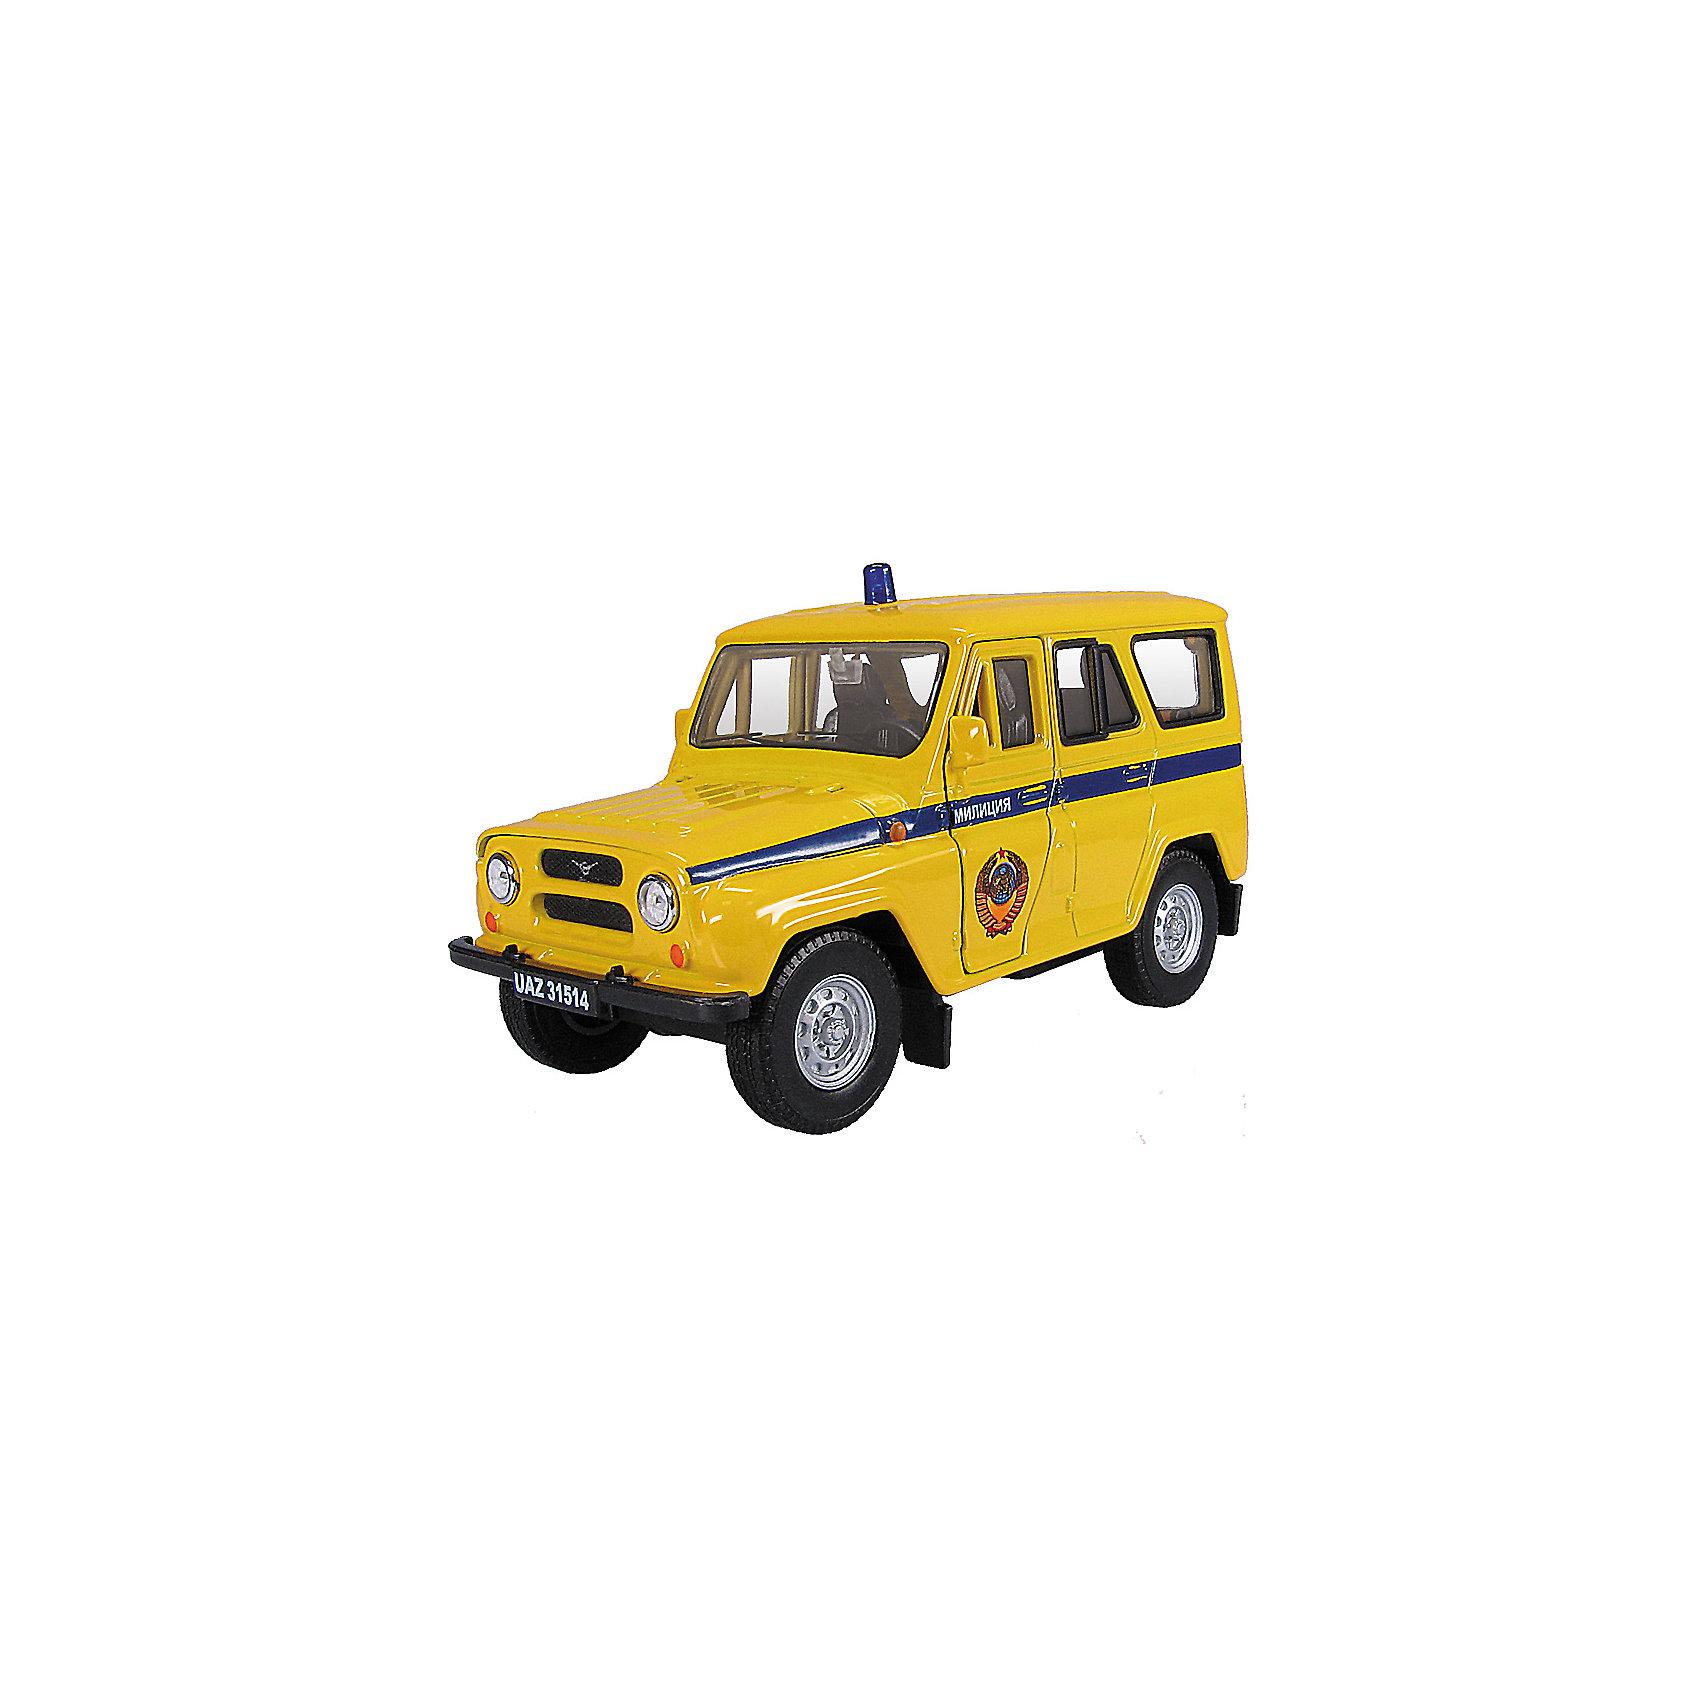 Машинка UAZ 31514 милиция СССР 1:36, AutotimeМашинки<br>Машинка UAZ 31514 милиция СССР 1:36, Autotime (Автотайм).<br><br>Характеристики:<br><br>• Масштаб 1:36<br>• Длина машинки: 11,5 см.<br>• Цвет: желтый<br>• Материал: металл, пластик<br>• Упаковка: картонная коробка блистерного типа<br>• Размер упаковки: 16,5x5,7x7,2 см.<br><br>Машинка UAZ 31514 милиция СССР от Autotime (Автотайм) является уменьшенной копией настоящего автомобиля. UAZ 31514 - полноприводный автомобиль повышенной проходимости. Выпускался в 1993 - 2003 годах. Модель отличается высокой степенью детализации. Автомобиль окрашен в желтый цвет, вдоль бортов проходит синяя полоса с надписью Милиция, на крыше расположена имитация синей мигалки, на передней двери изображен герб СССР. Корпус машинки металлический с пластиковыми элементами. Передние двери открываются, что позволяет рассмотреть салон изнутри в деталях. Машинка оснащена инерционным механизмом. Машинка UAZ 31514 милиция СССР, выпущенная в русской серии бренда Autotime (Автотайм), станет хорошим подарком и ребенку, и коллекционеру моделей автомобилей.<br><br>Машинку UAZ 31514 милиция СССР 1:36, Autotime (Автотайм) можно купить в нашем интернет-магазине.<br><br>Ширина мм: 165<br>Глубина мм: 57<br>Высота мм: 75<br>Вес г: 13<br>Возраст от месяцев: 36<br>Возраст до месяцев: 2147483647<br>Пол: Мужской<br>Возраст: Детский<br>SKU: 5583871